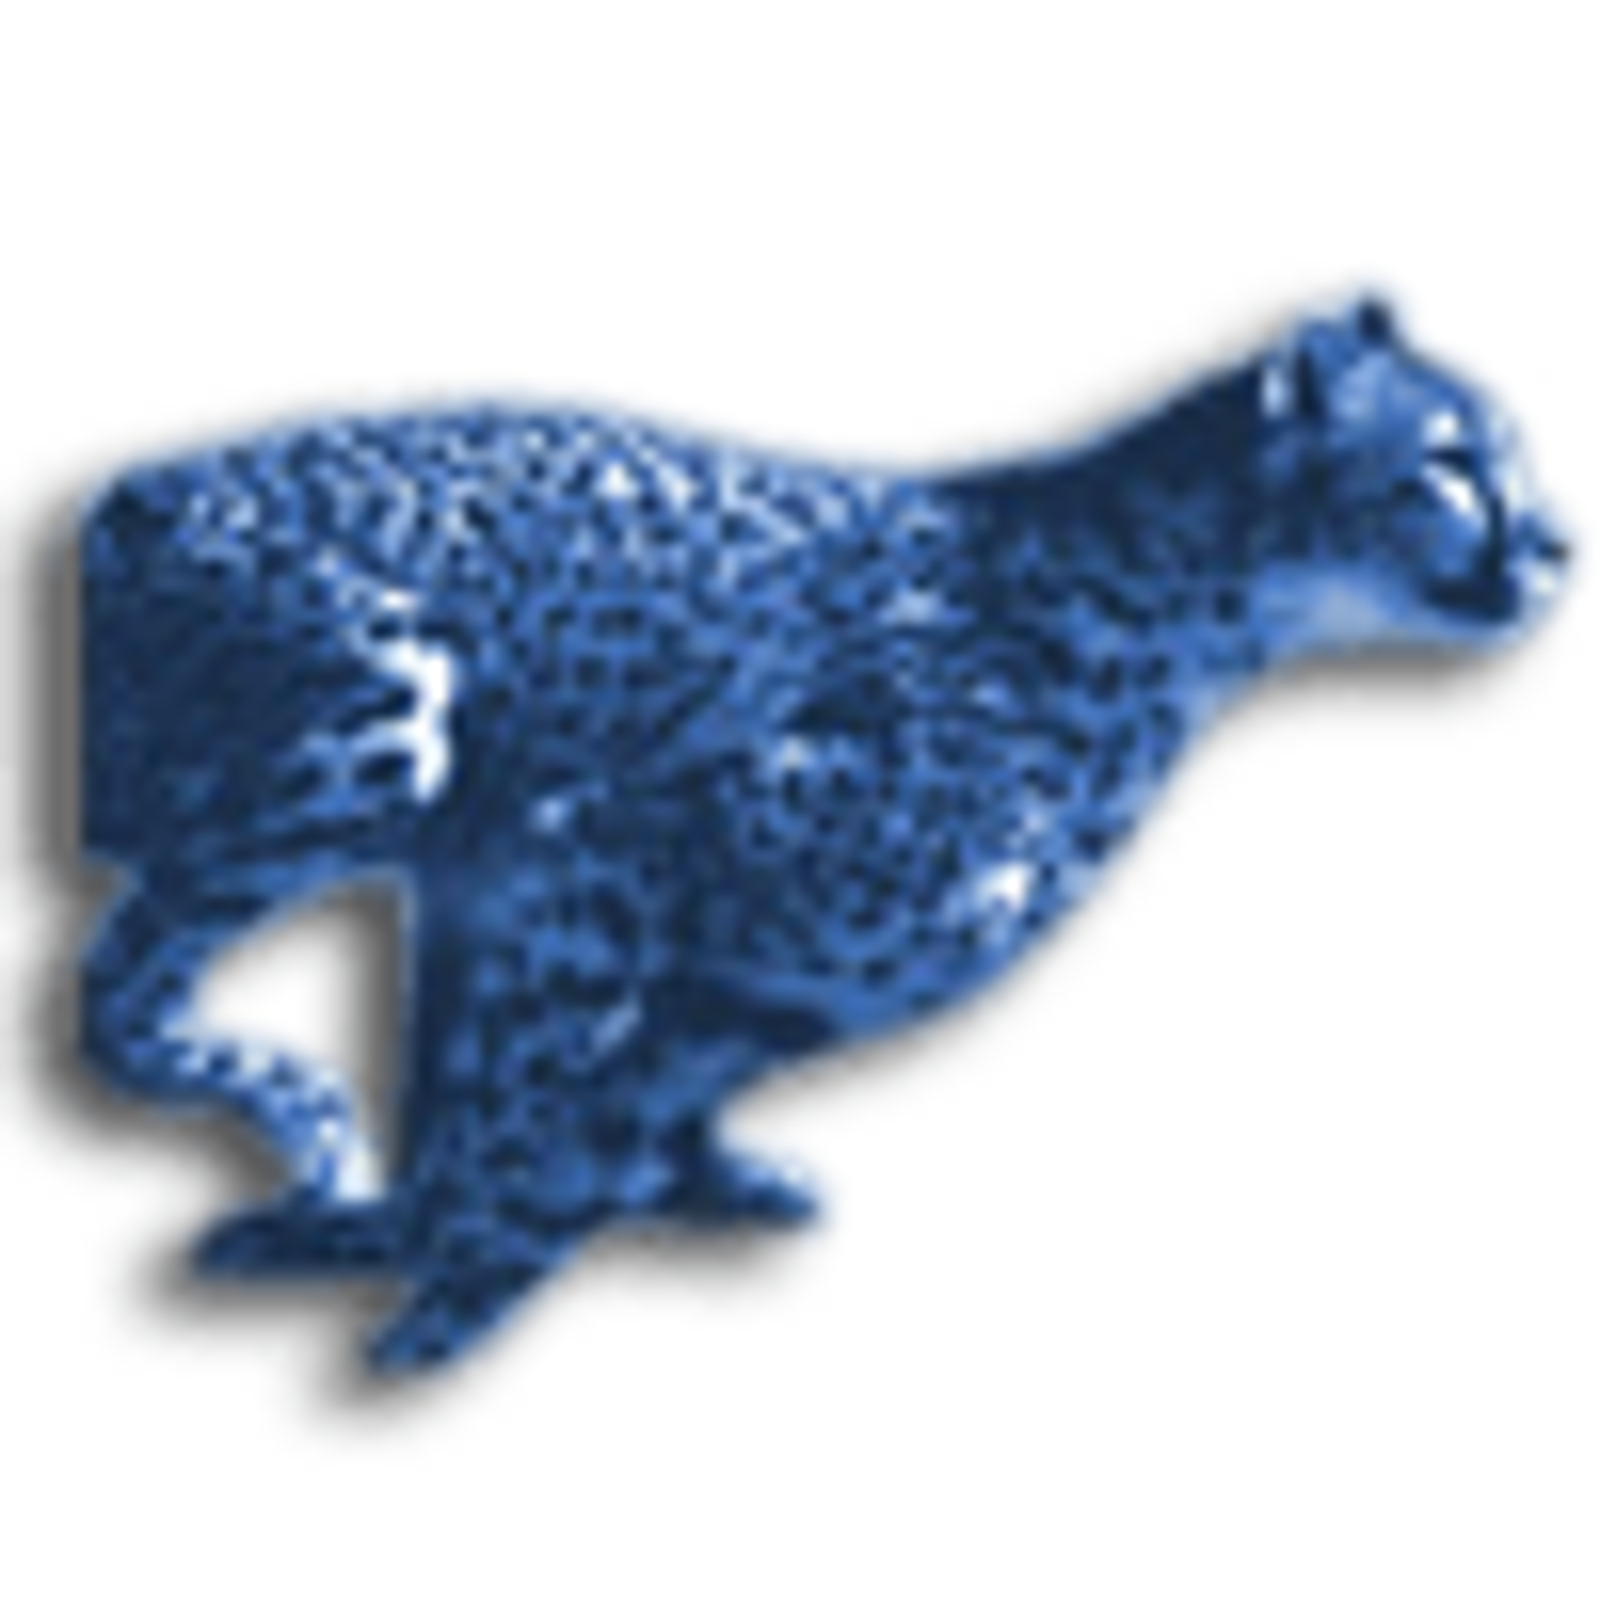 XoftSpySE Antispyware